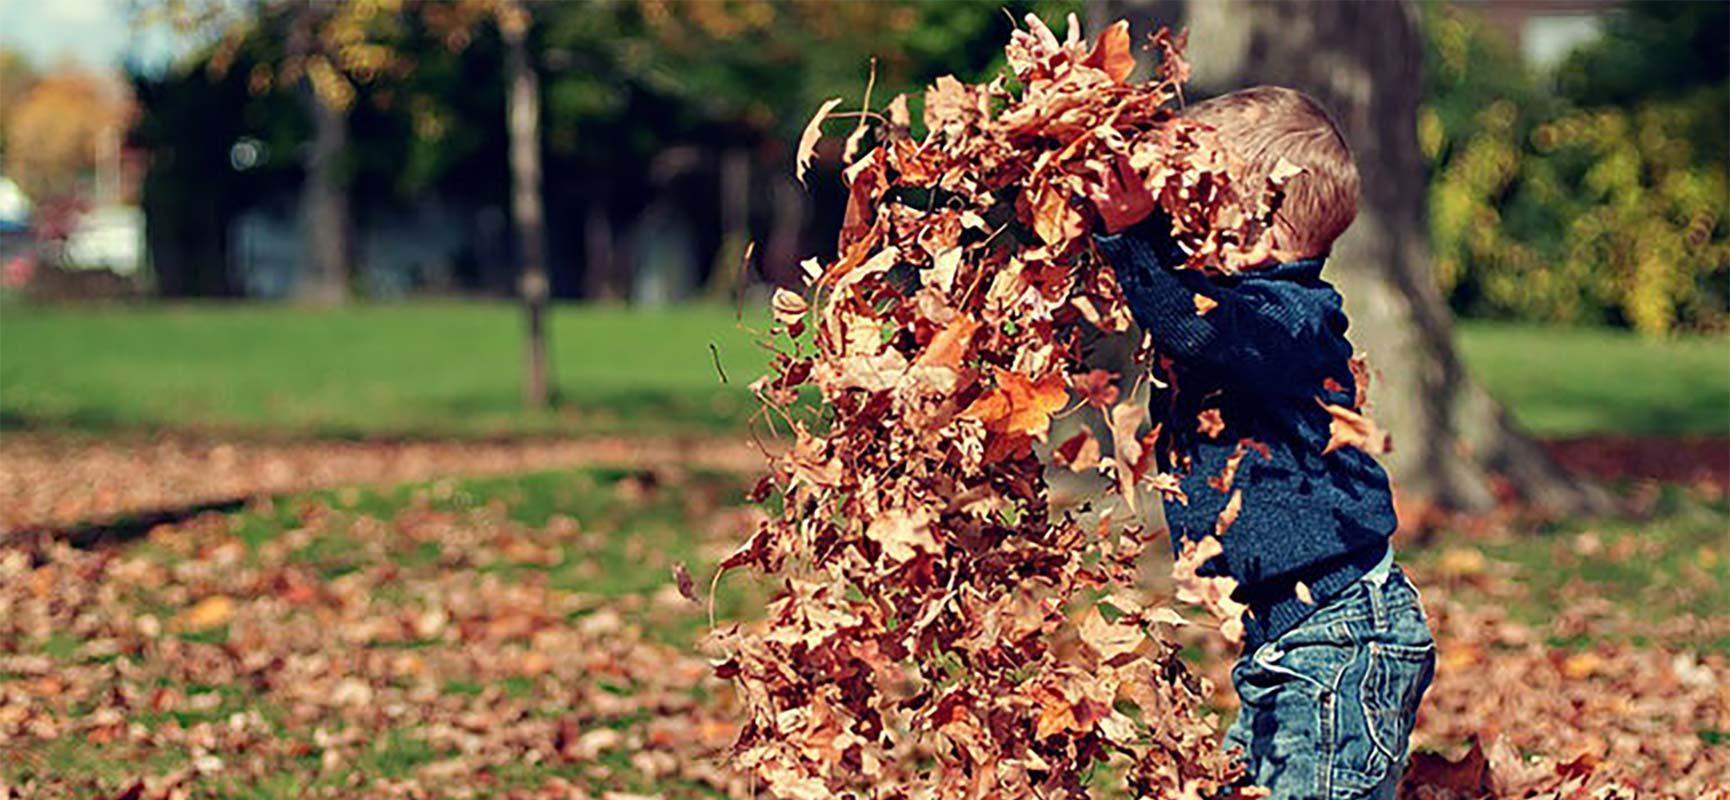 Jouer dehors en automne